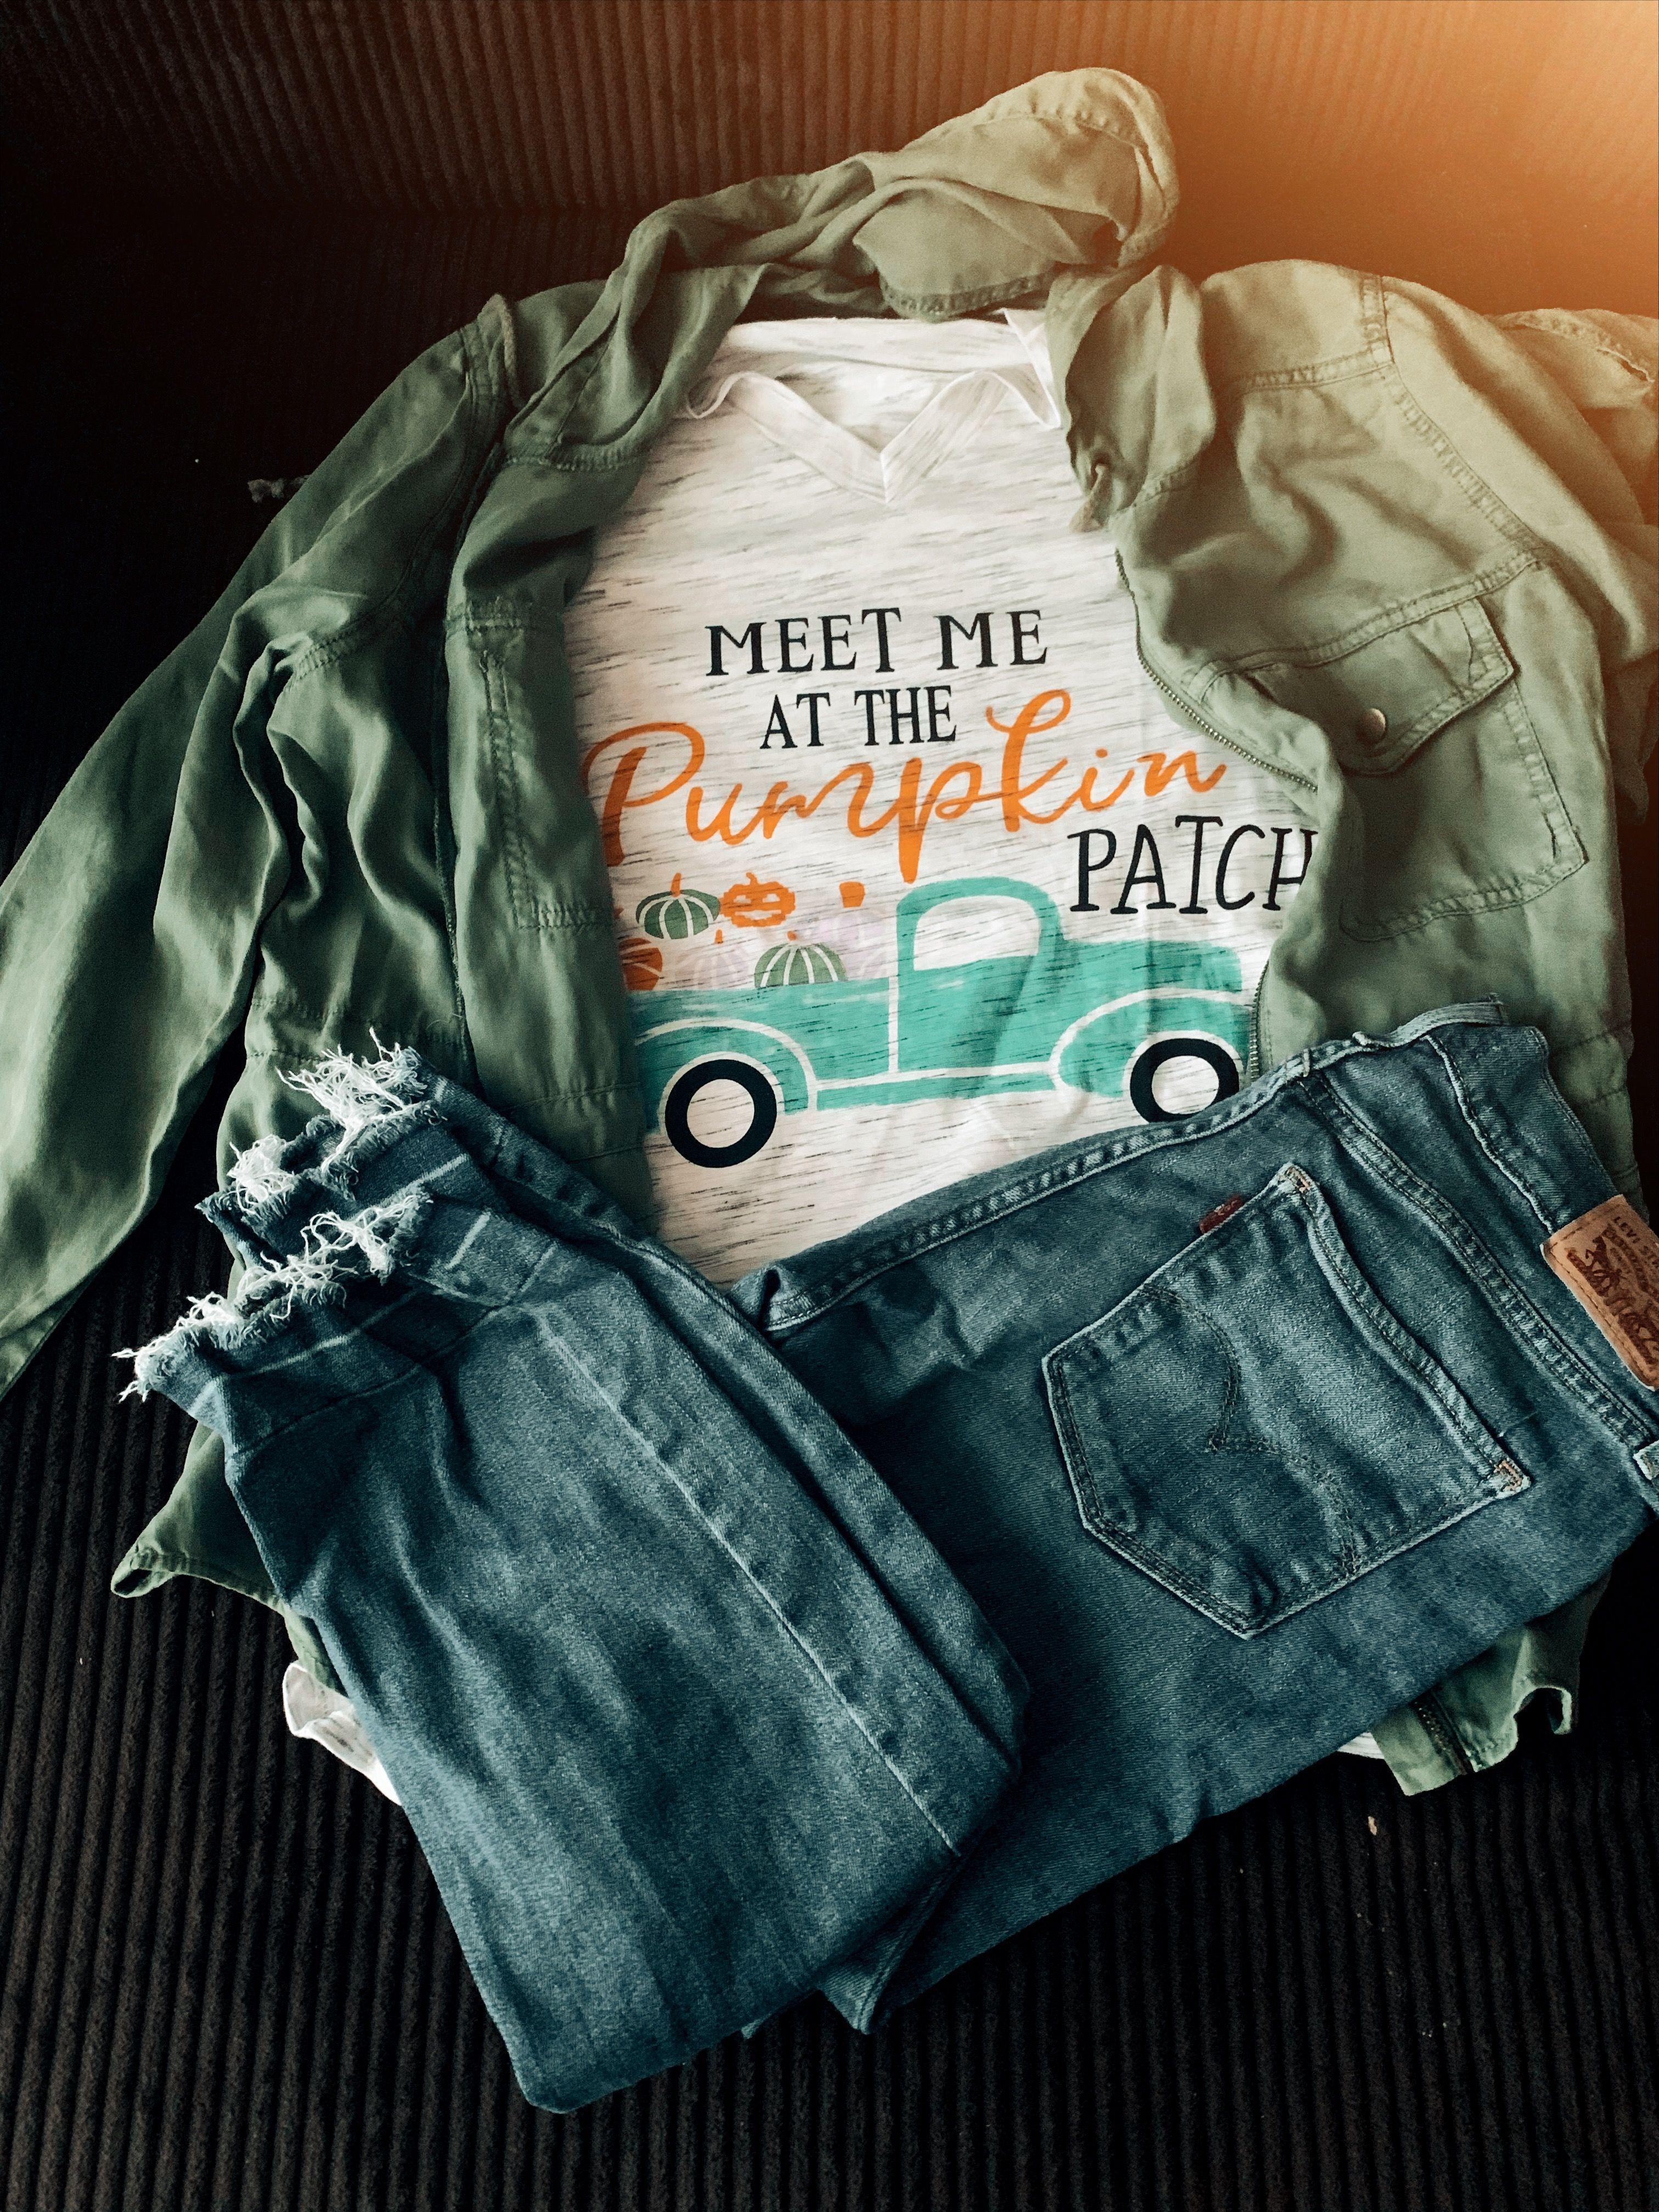 Fall outfit ideas #pumpkinpatchoutfit Pumpkin patch outfit #pumpkinpatchoutfit Fall outfit ideas #pumpkinpatchoutfit Pumpkin patch outfit #pumpkinpatchoutfitwomen